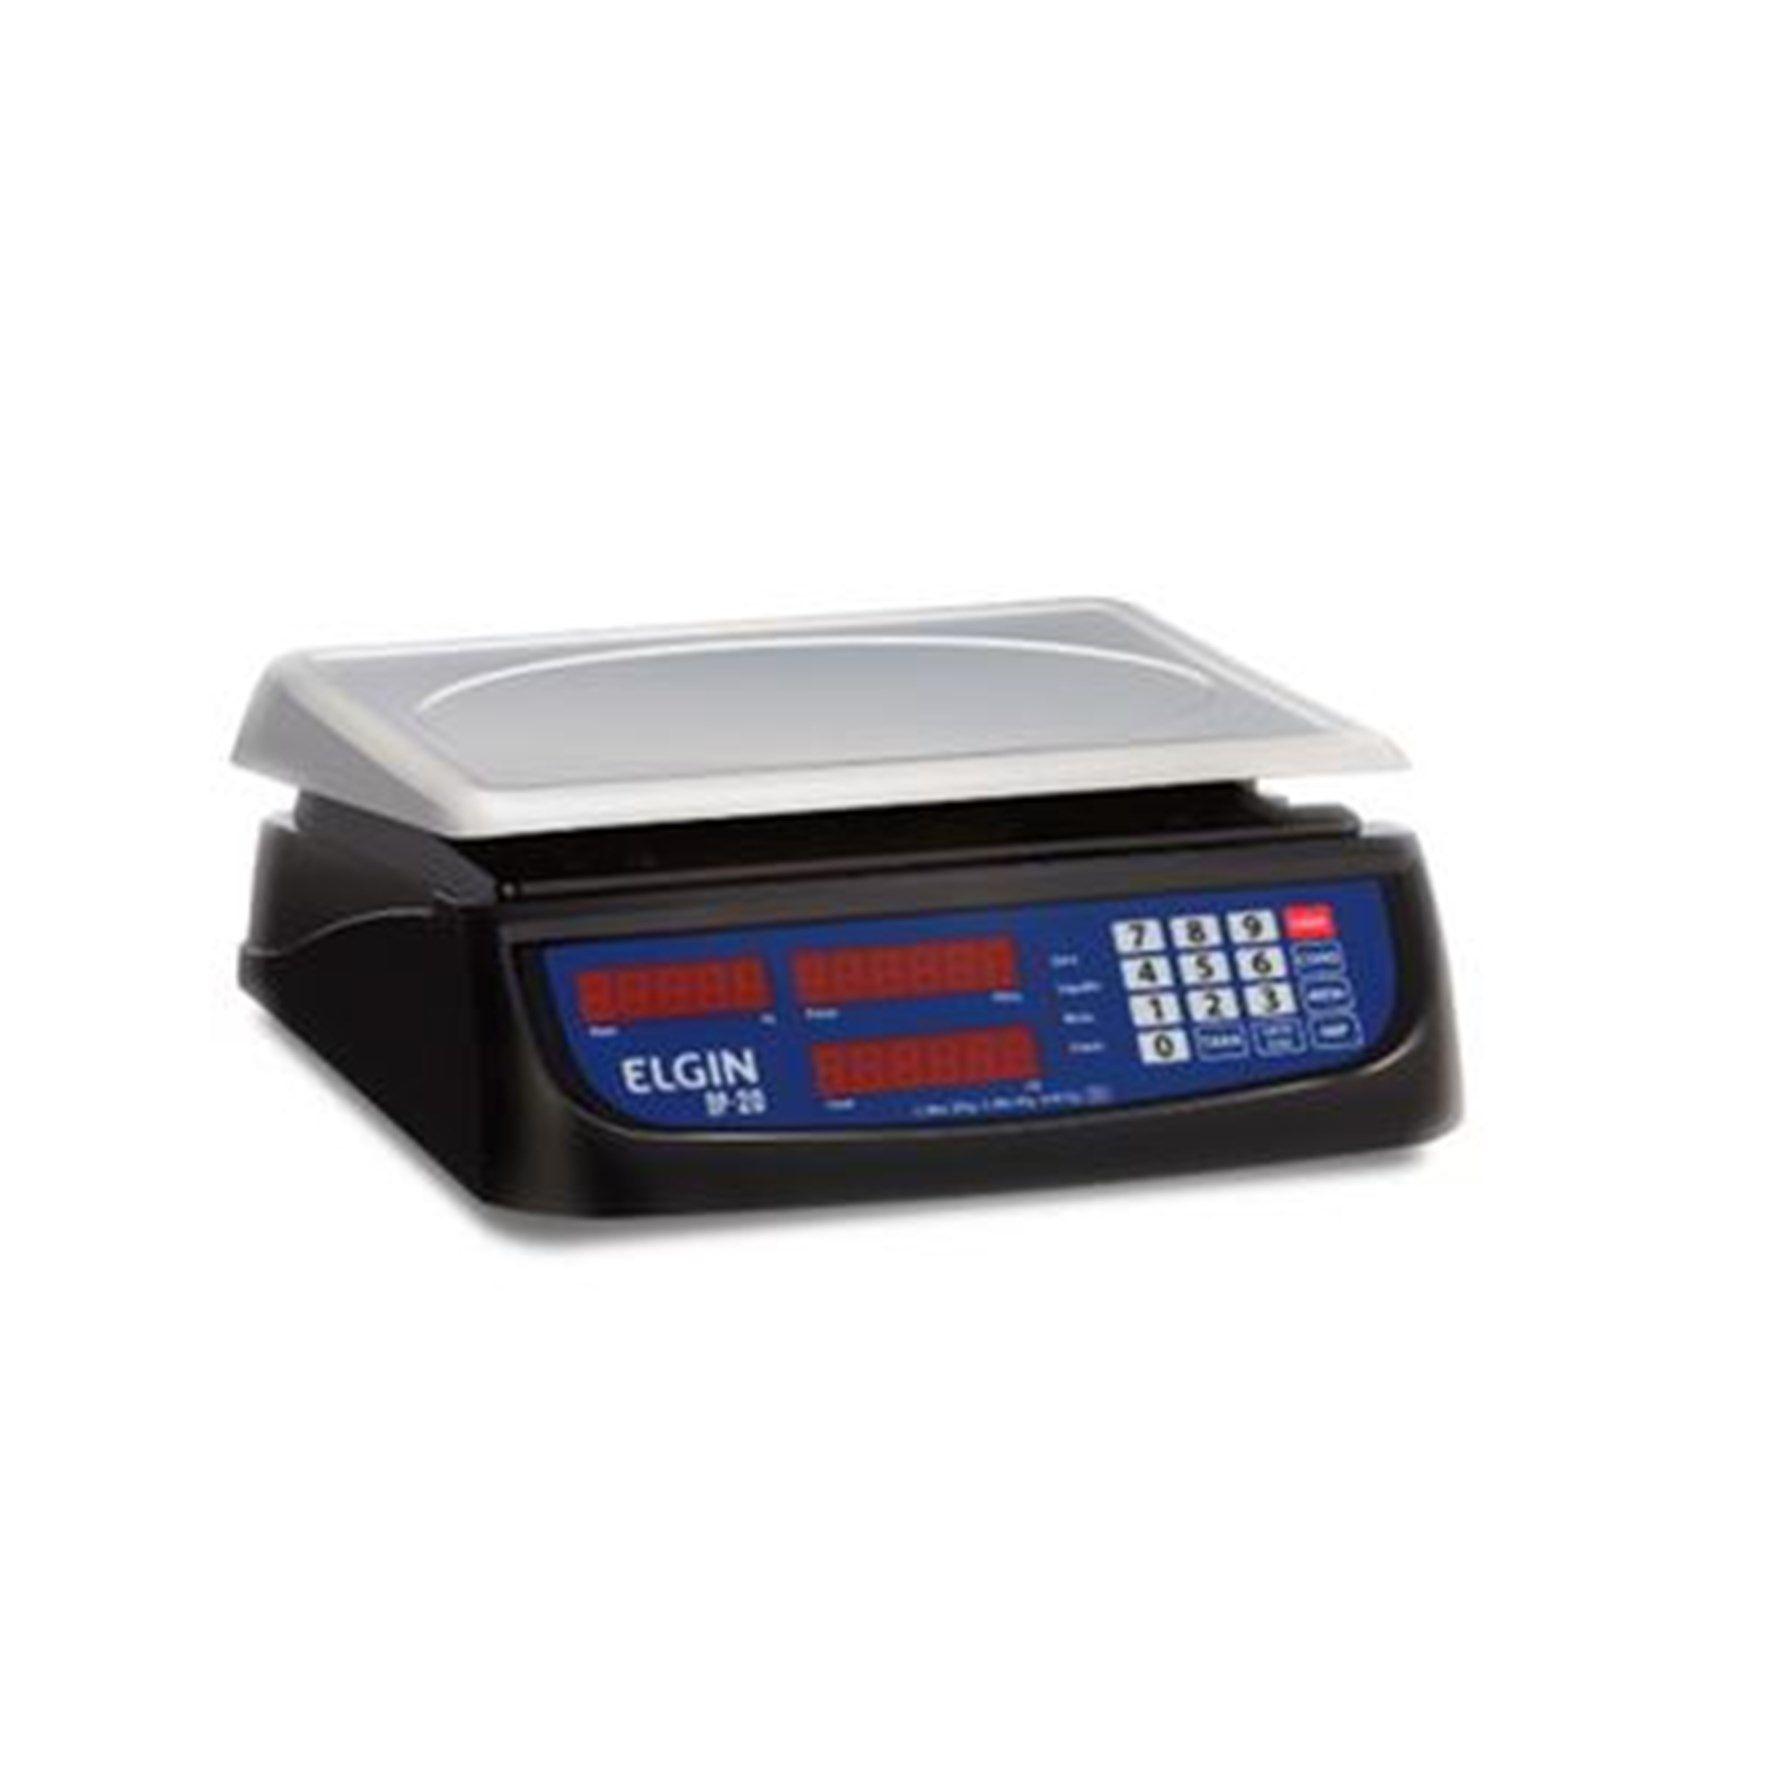 Balança Elgin DP15 15kg / 5g Com bateria